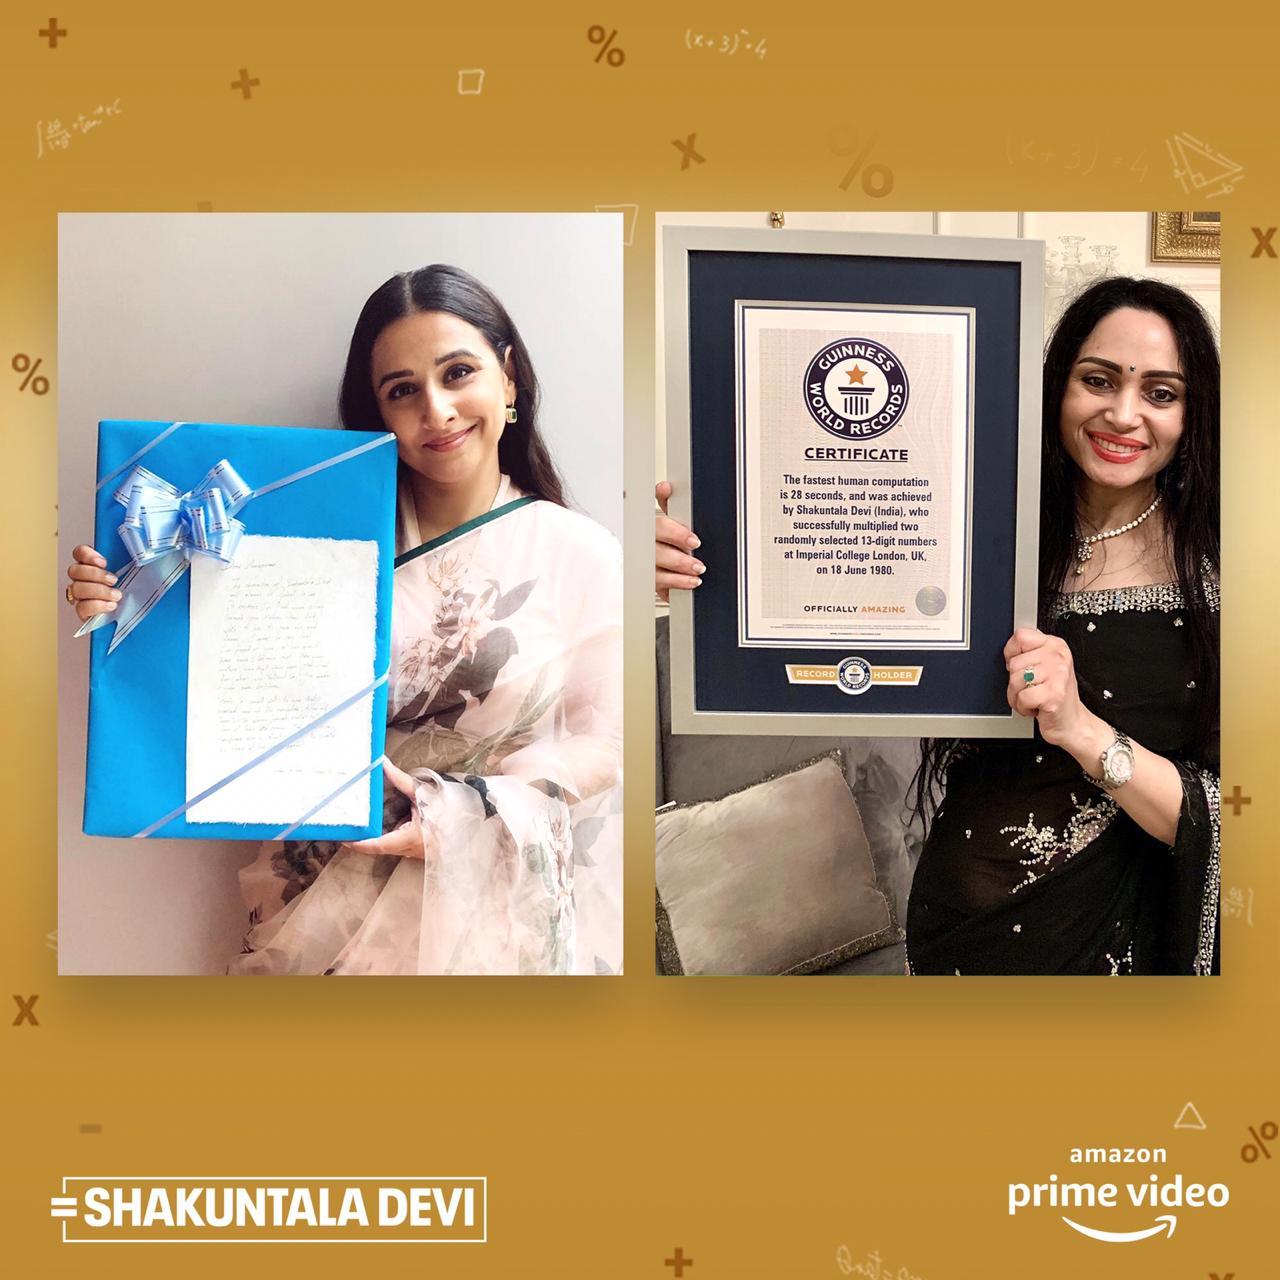 विद्या बालन अभिनीत शकुंतला देवी की रिलीज से पहले रियल लाइफ़ शकुंतला देवी को गिनीज़ वर्ल्ड रिकॉर्ड्स ने दिया ये सम्मान